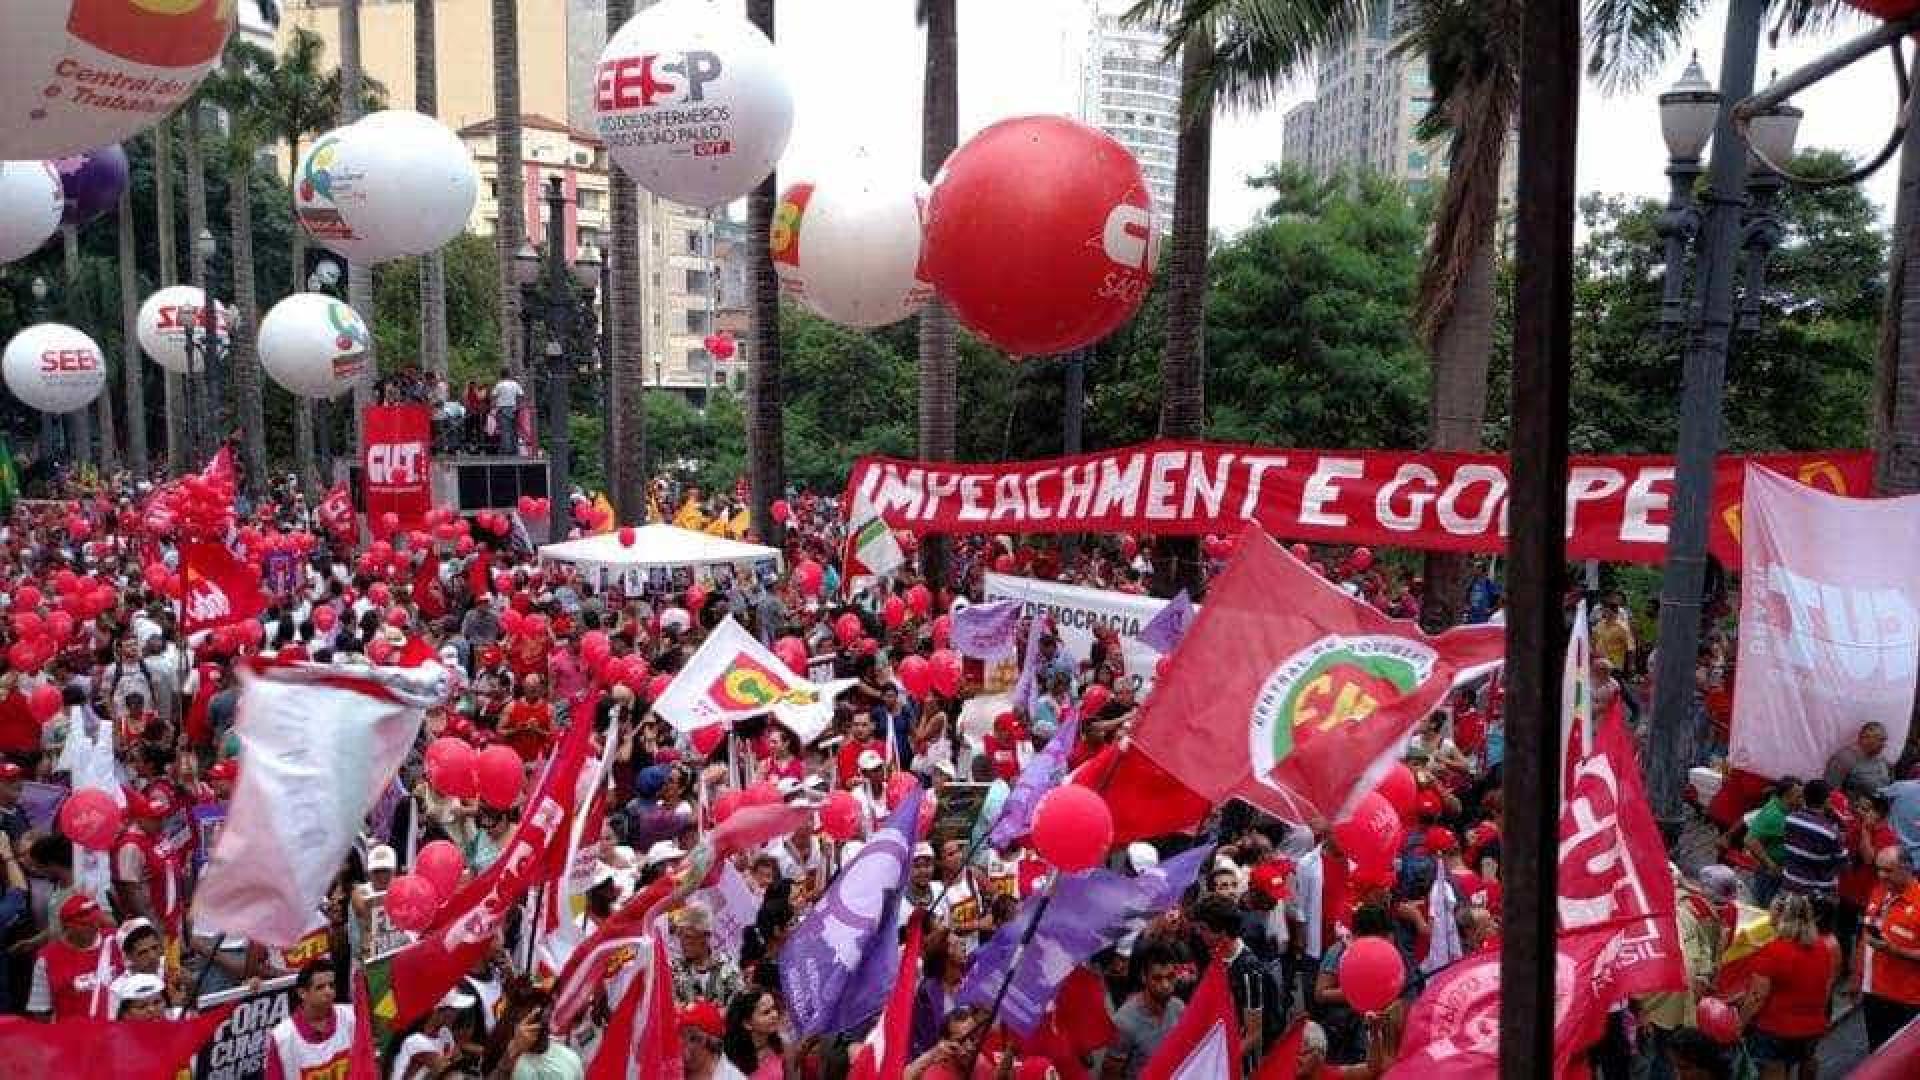 População pobre é contra impeachment, diz presidente da Faferj